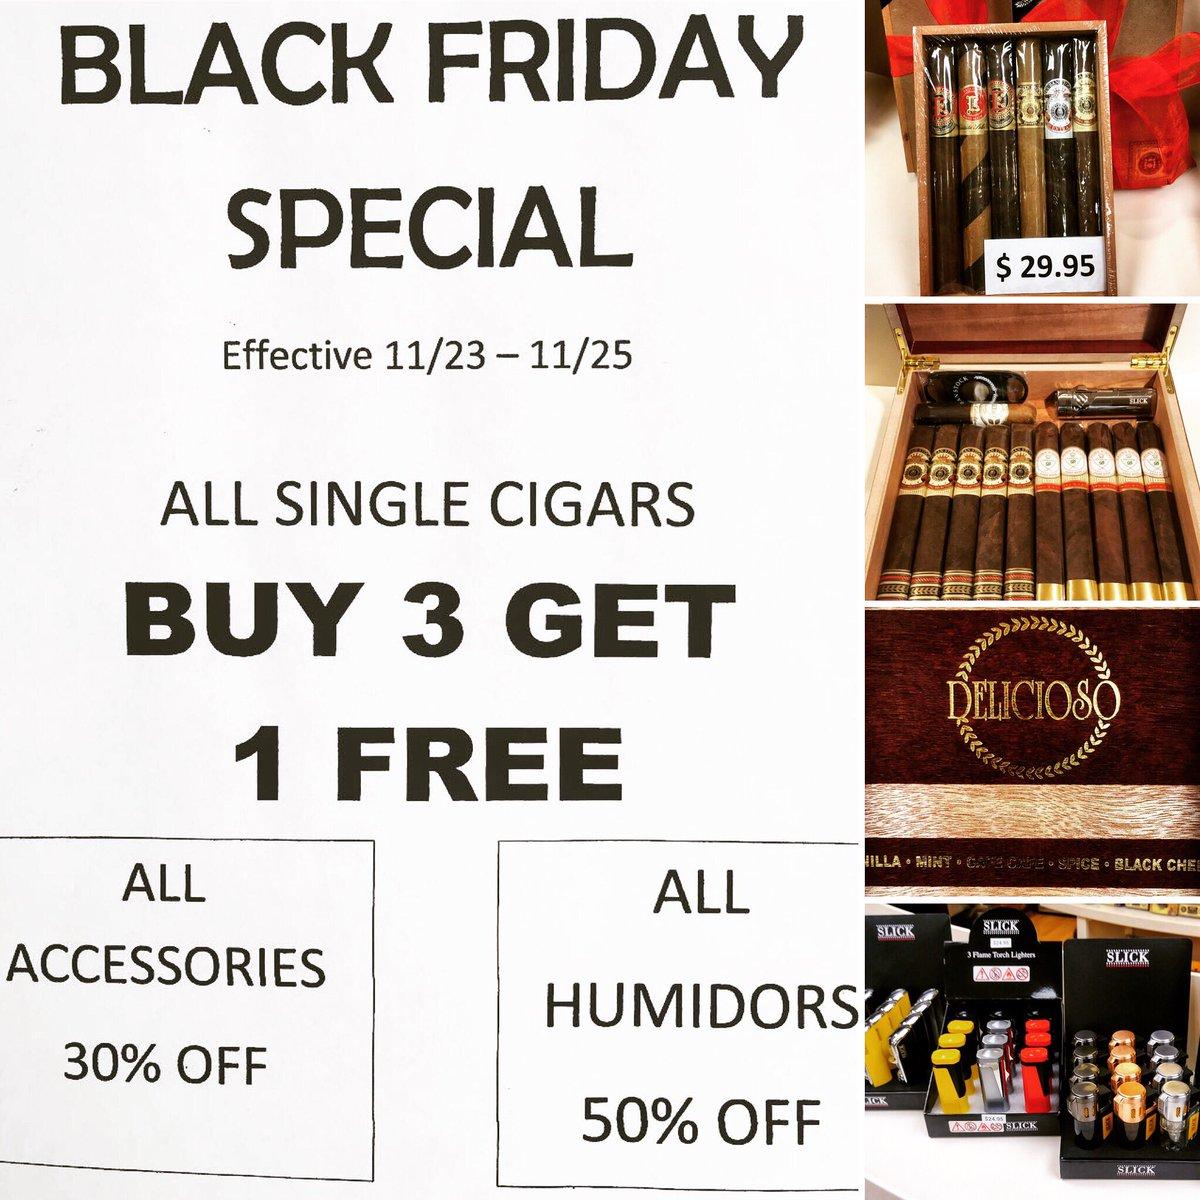 Sj Cigars On Twitter Black Friday Small Buisness Saturday Specials Extended Till 11 25 Cubanstockcigars Sjcigarsmokers Cigarlover Everydaysmoker Blackfriday Philadelphia Sotl Botl Cigarsociety Shoplocal Smallbusinesssaturday